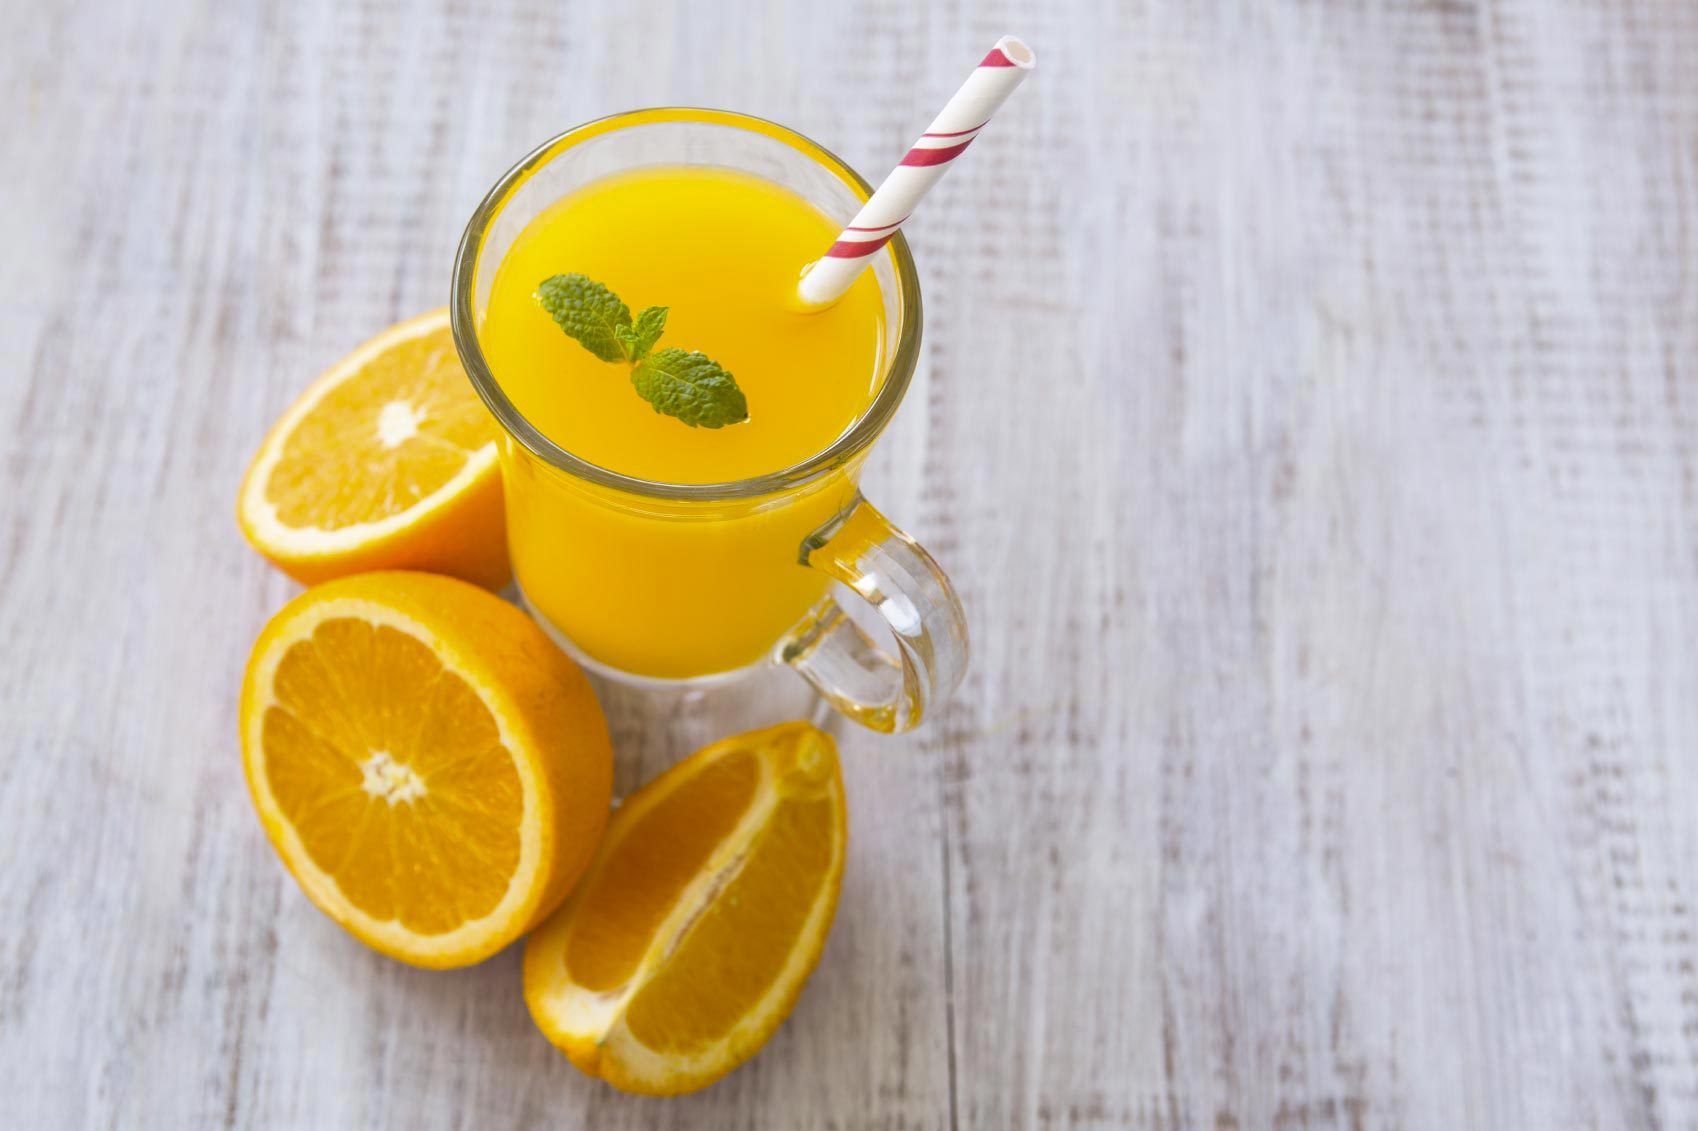 Les cardiologues évitent d'acheter des jus de fruits.